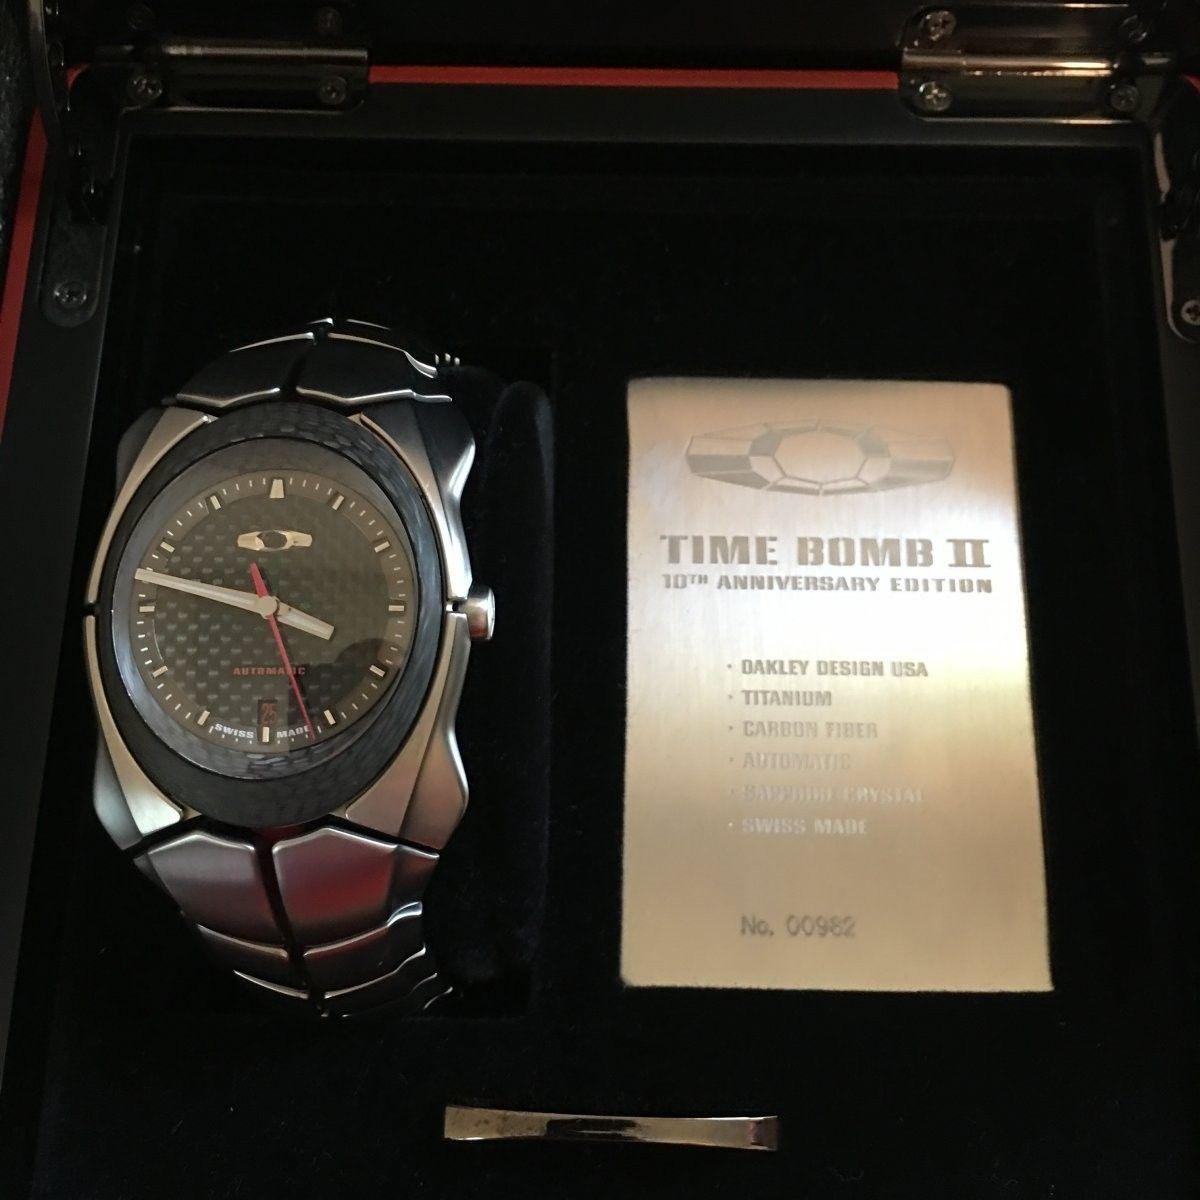 Timebomb II 10th Anniversary LNIB - IMG_9429.JPG